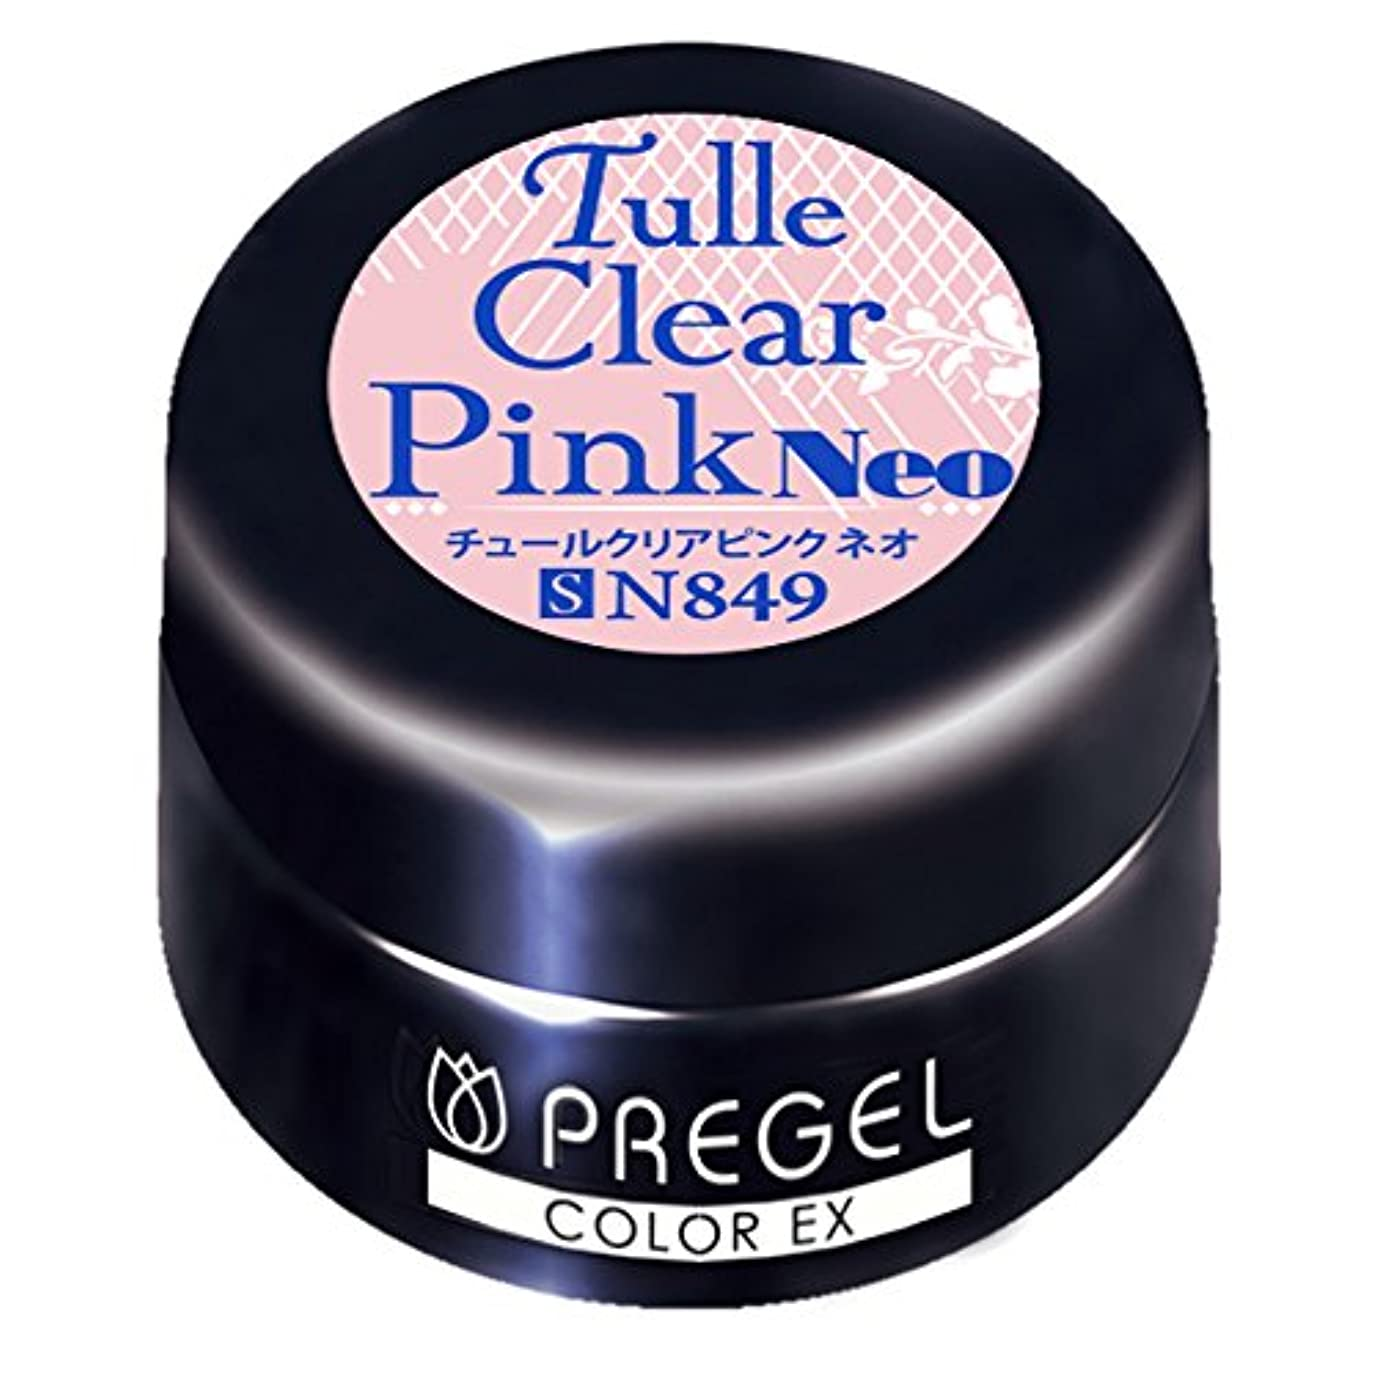 準備するのホスト以下PRE GEL カラーEX チュールクリアピンクneo849 3g UV/LED対応